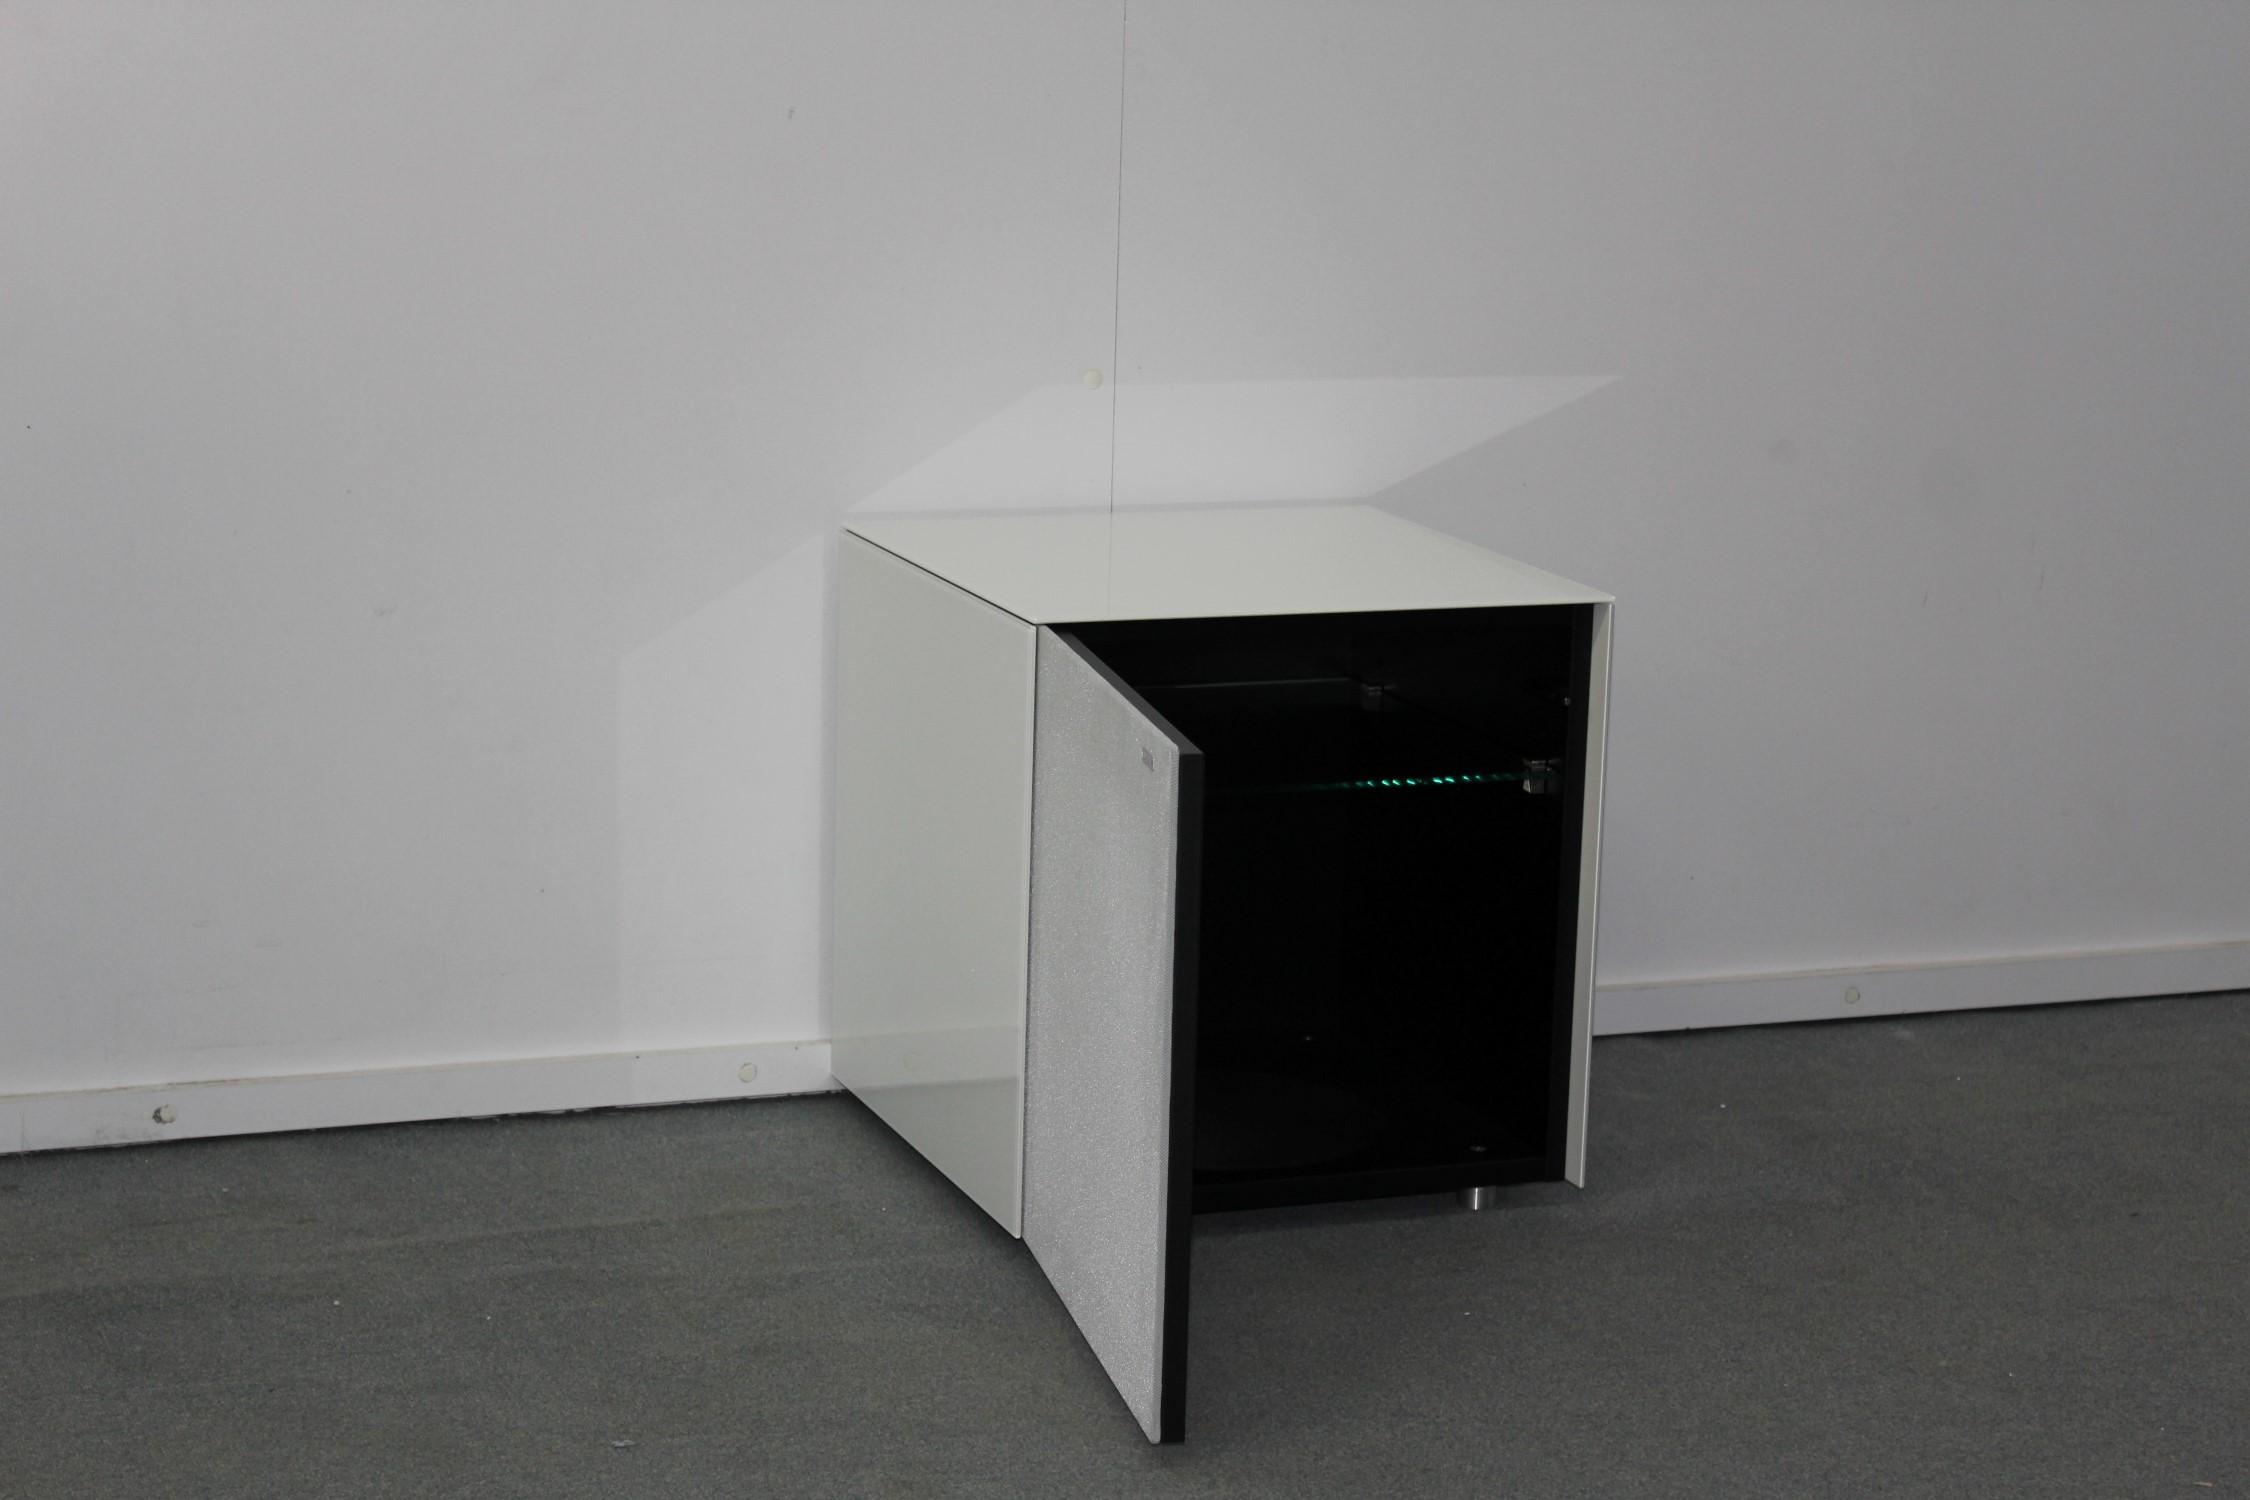 Beistelltisch / Sub-Stand